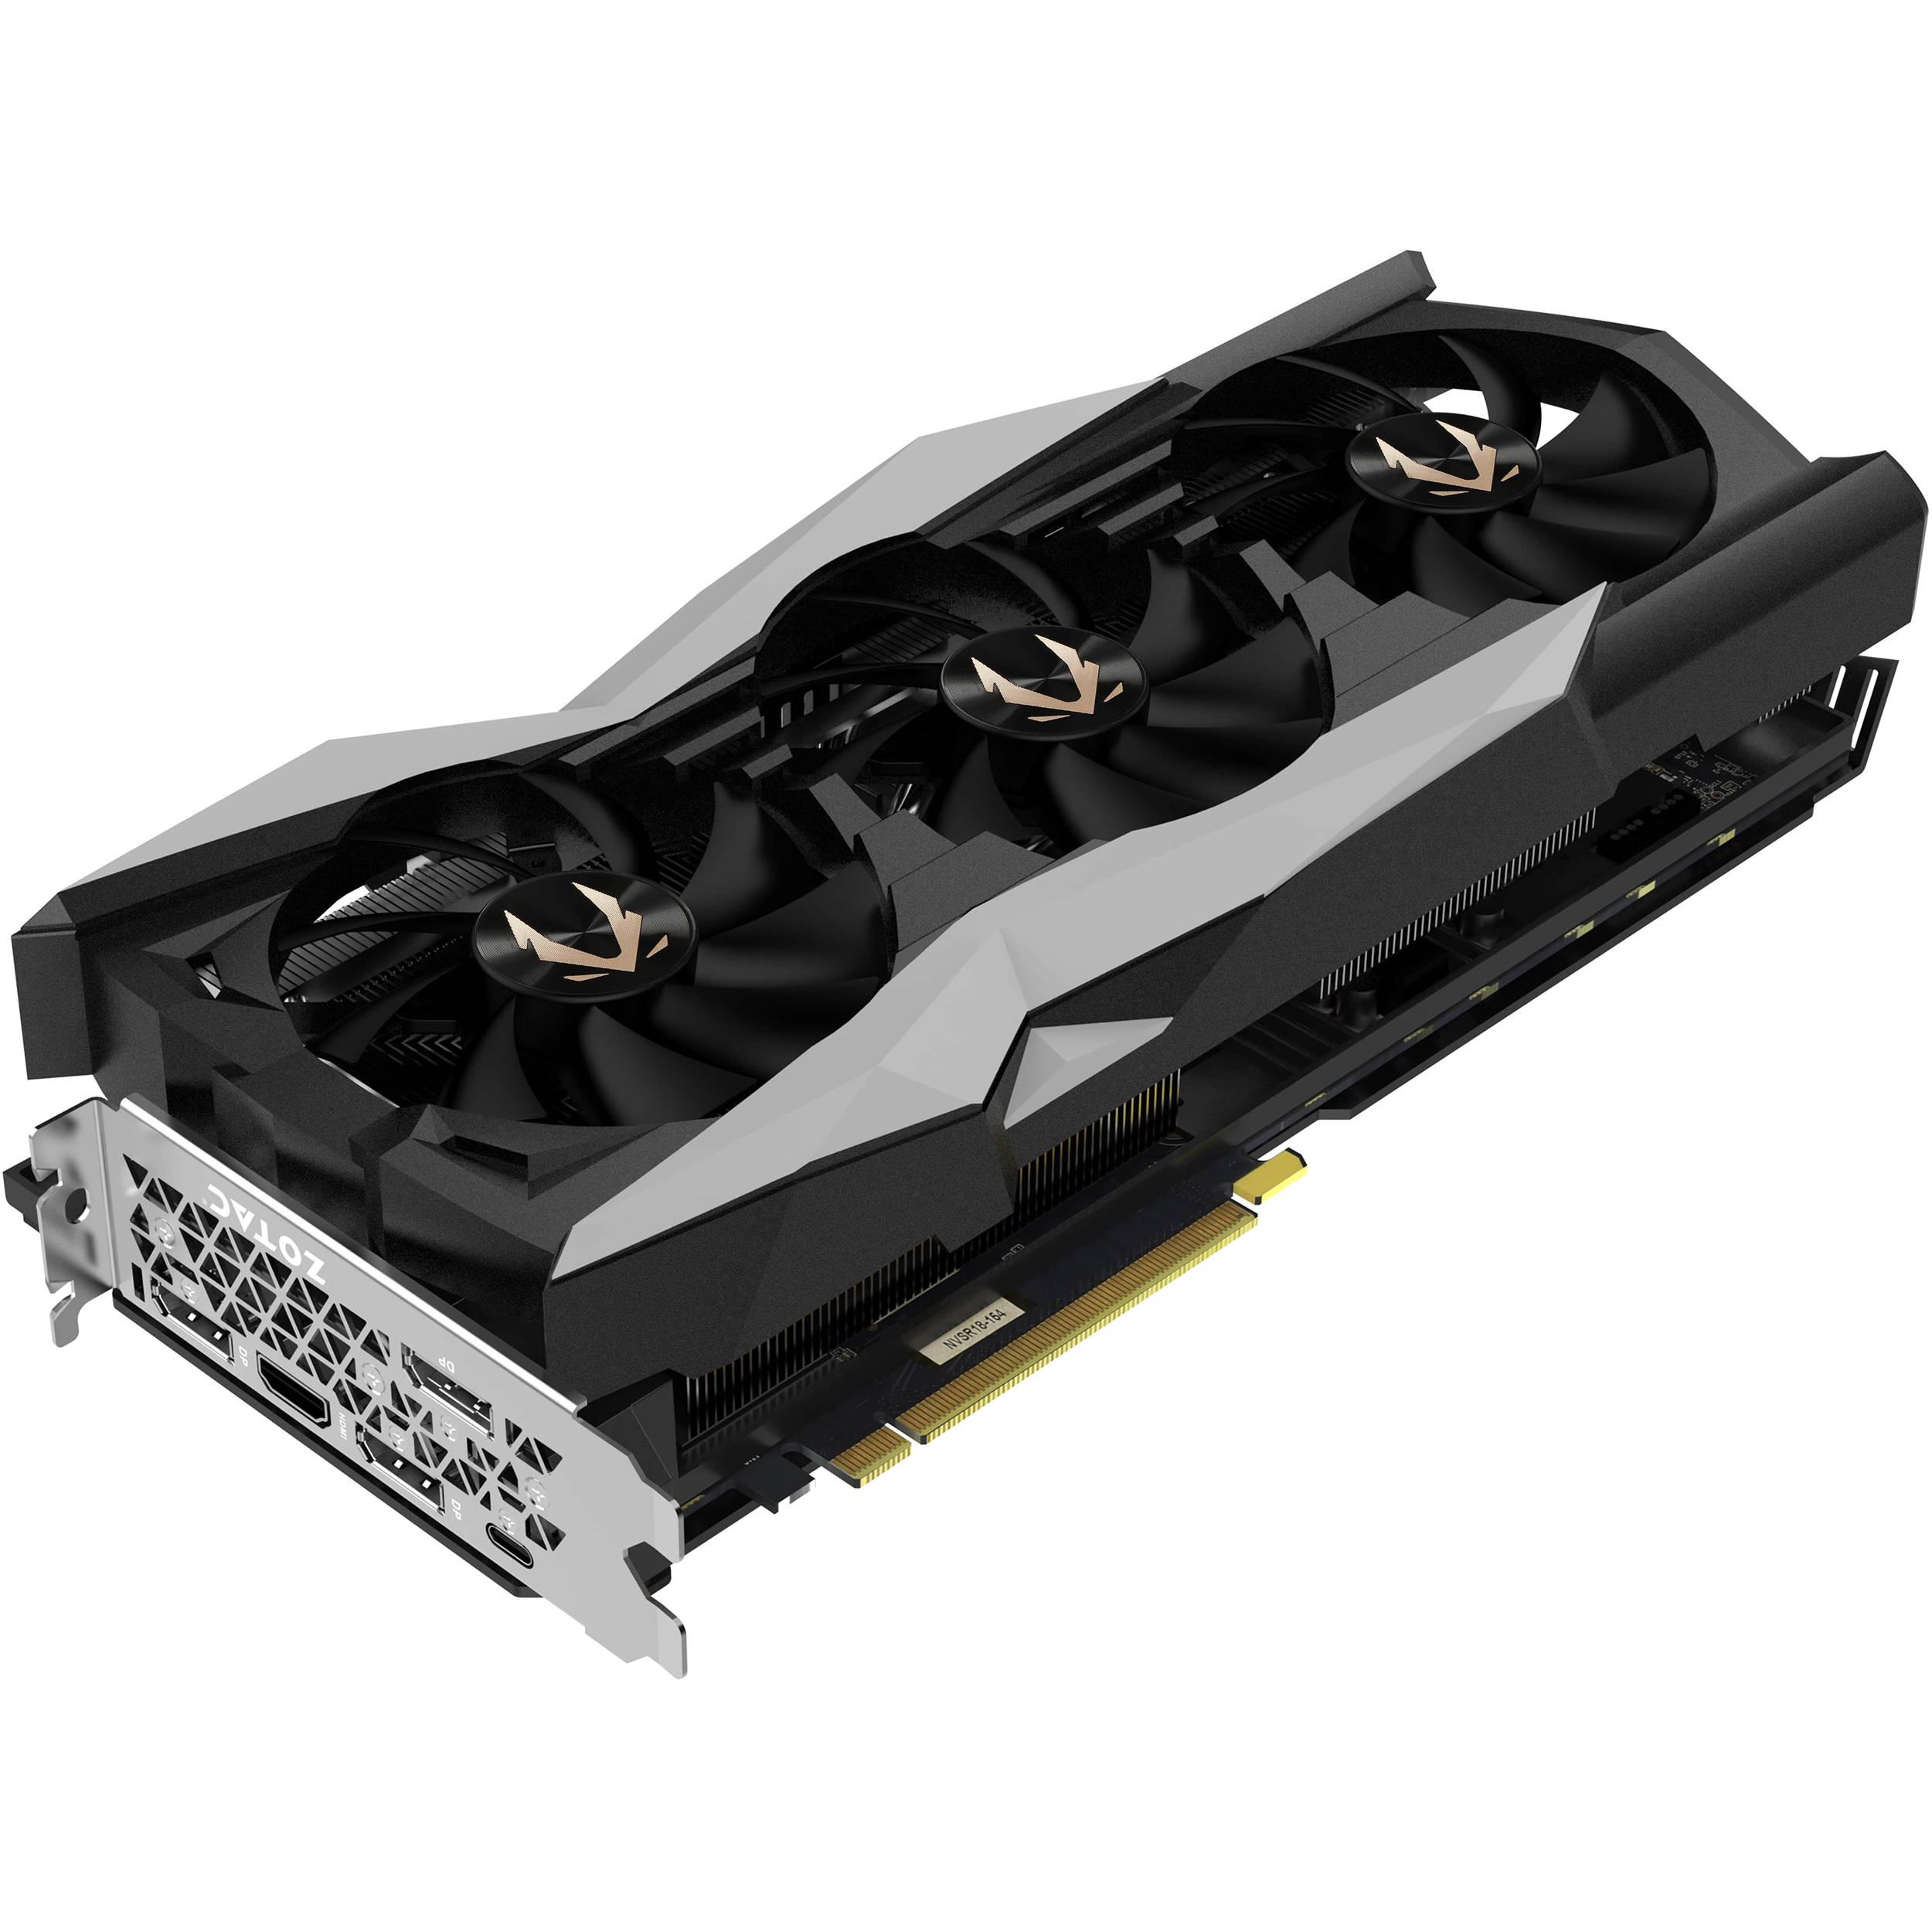 Zotac Gaming Geforce Rtx 2080 Ti Amp Extreme Zt T20810b 10p B H